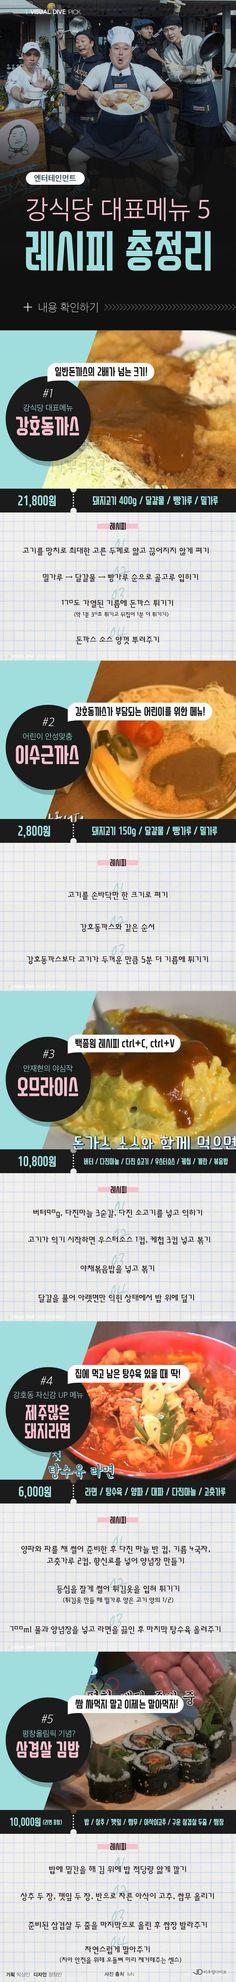 '강식당' 대표메뉴 레시피 총정리 모음 [카드뉴스] #food #tip #cardnews